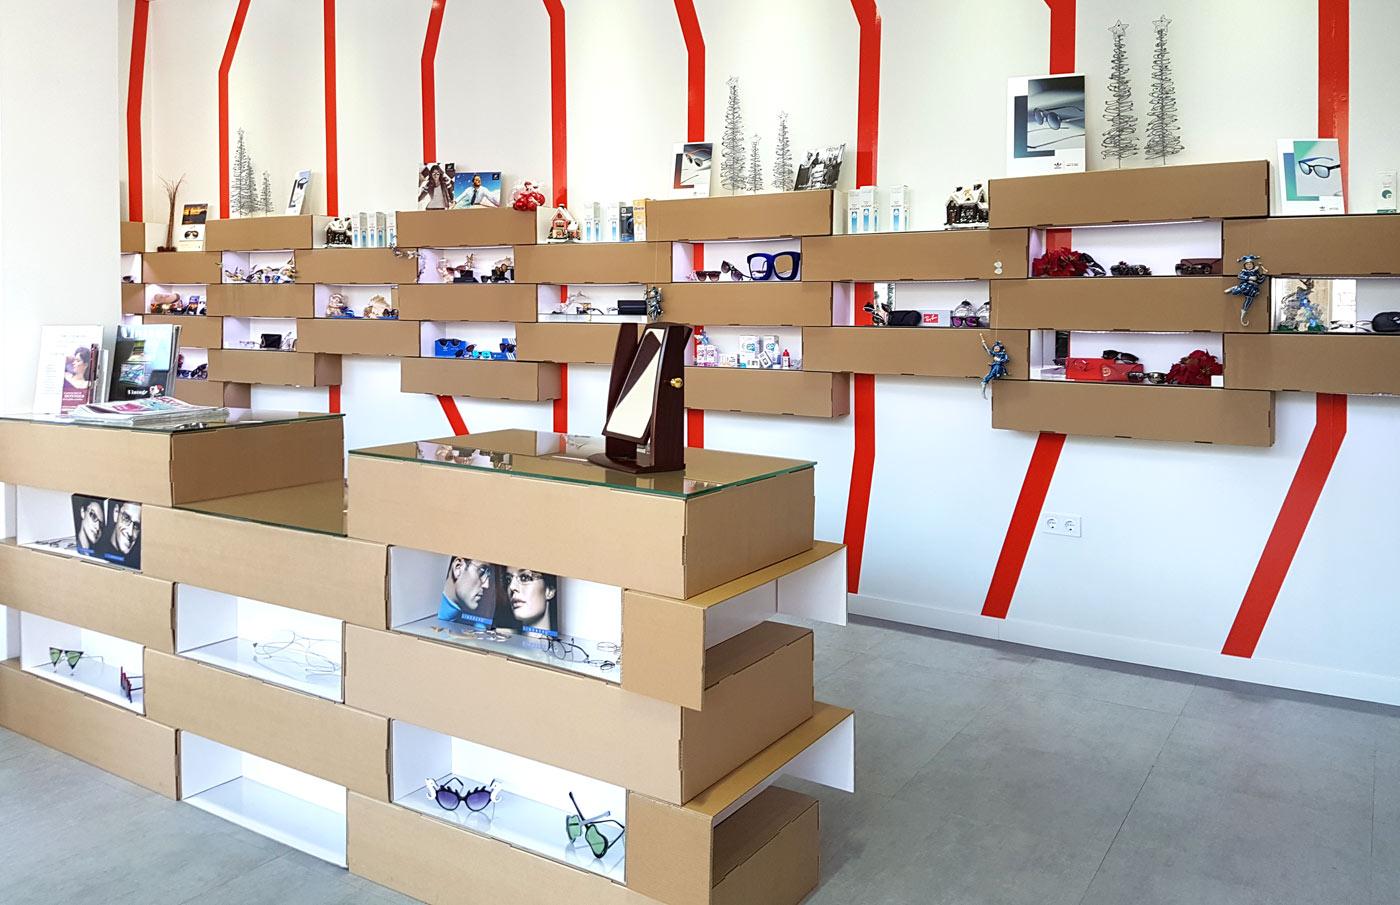 Diseño Interior Óptica: Expositores para gafas y mobiliario.